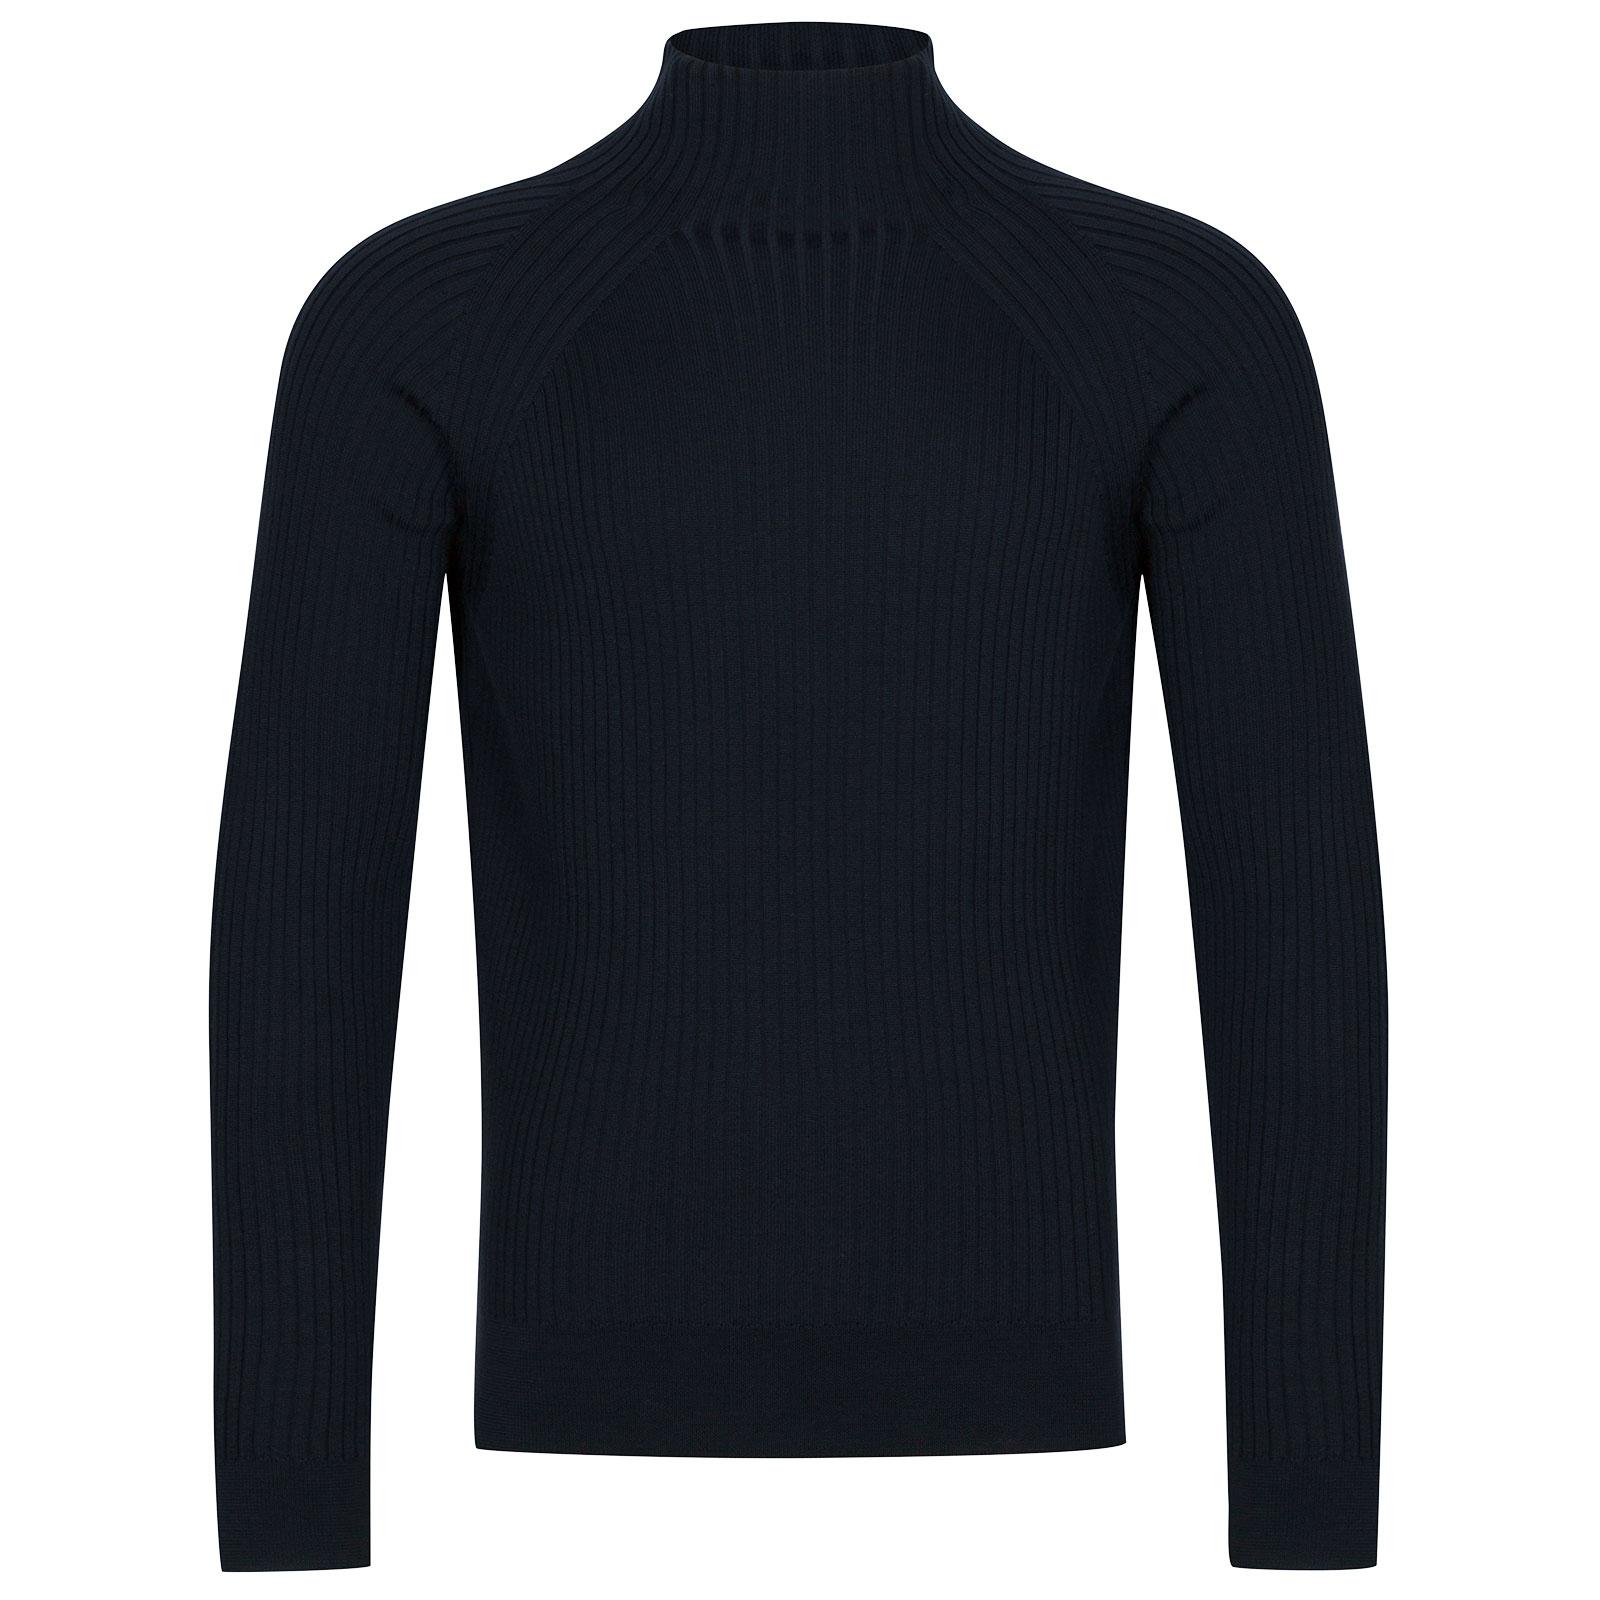 John Smedley Magnet Extra Fine Merino Wool Pullover in Midnight-M